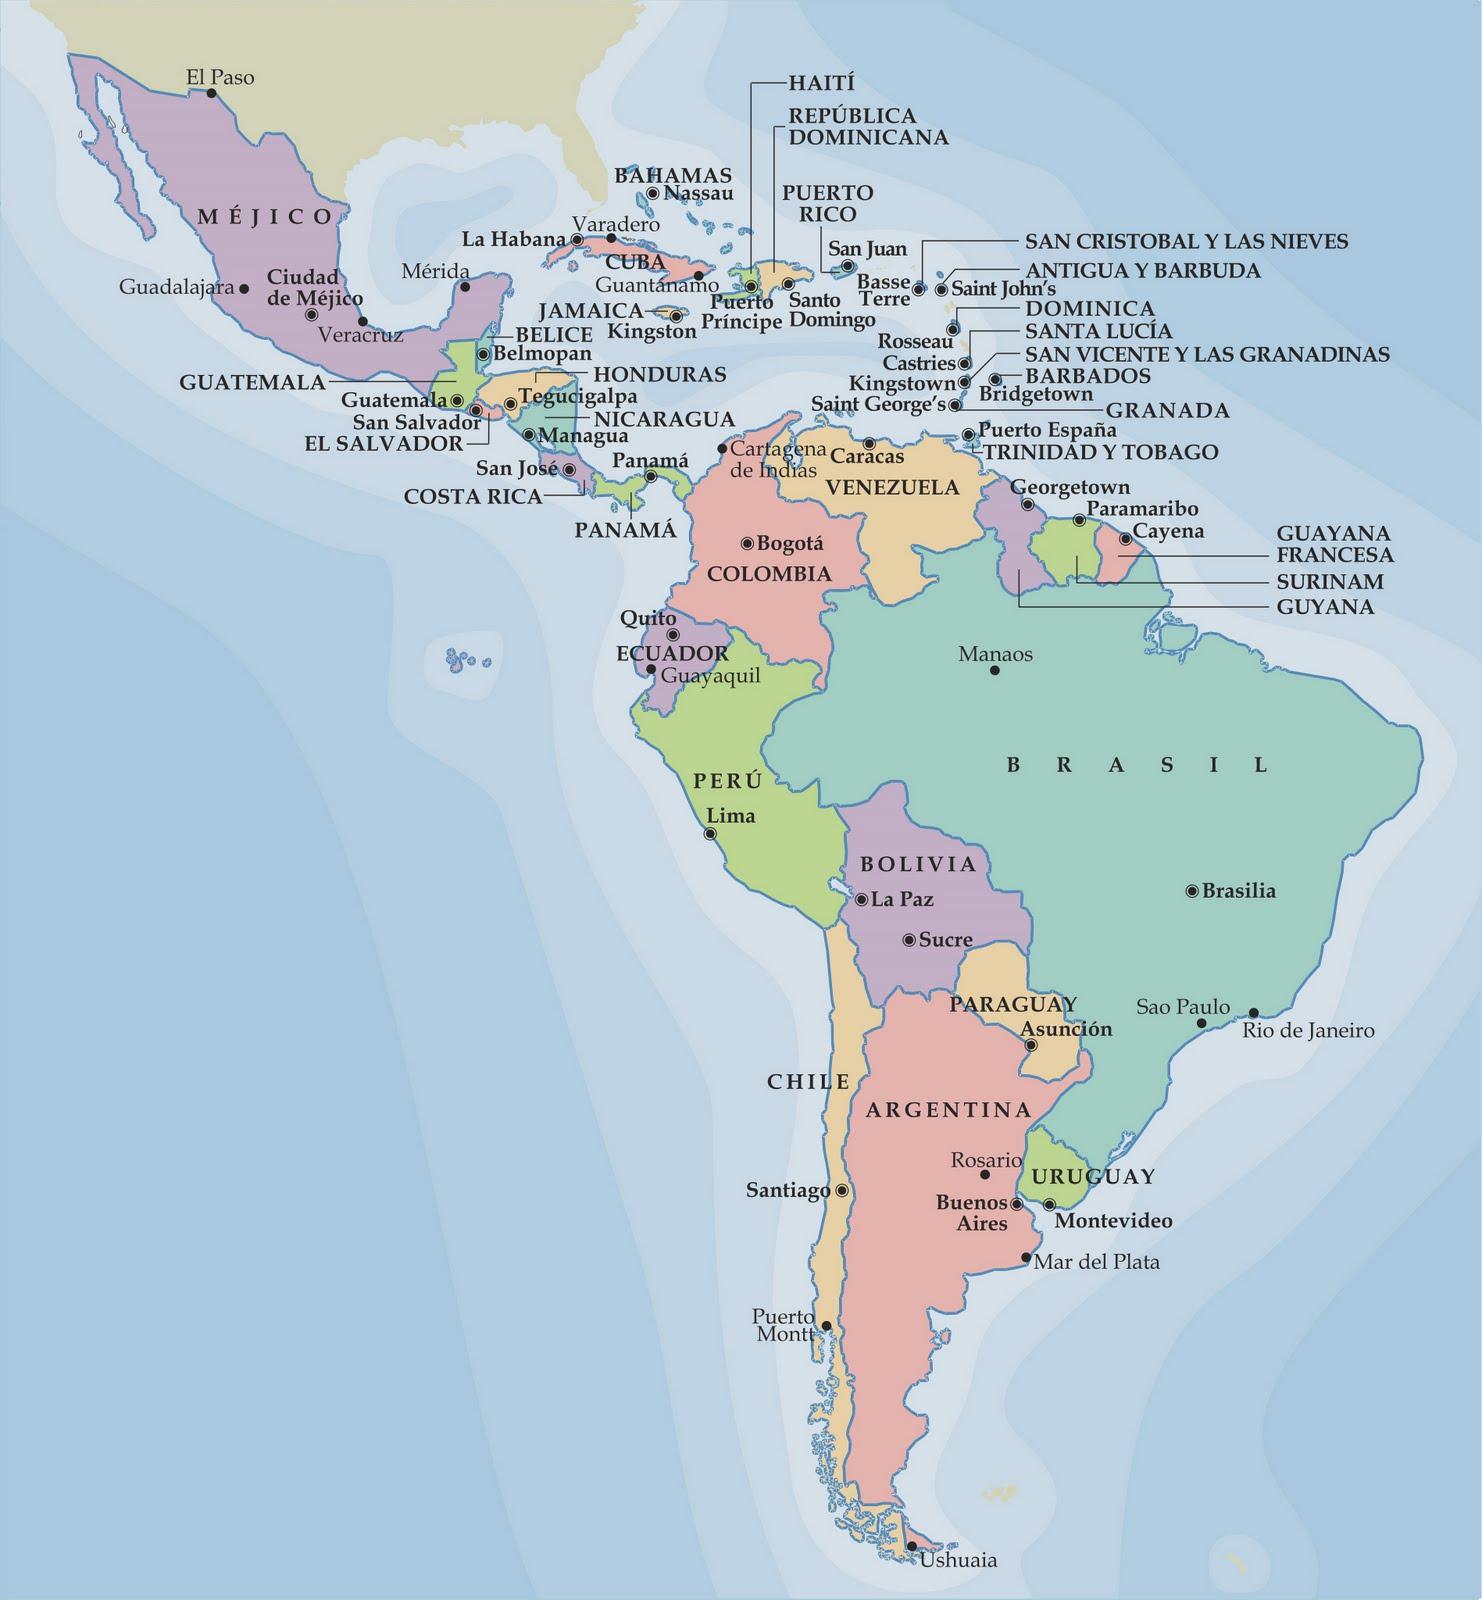 Mapa Politico De America Del Sur